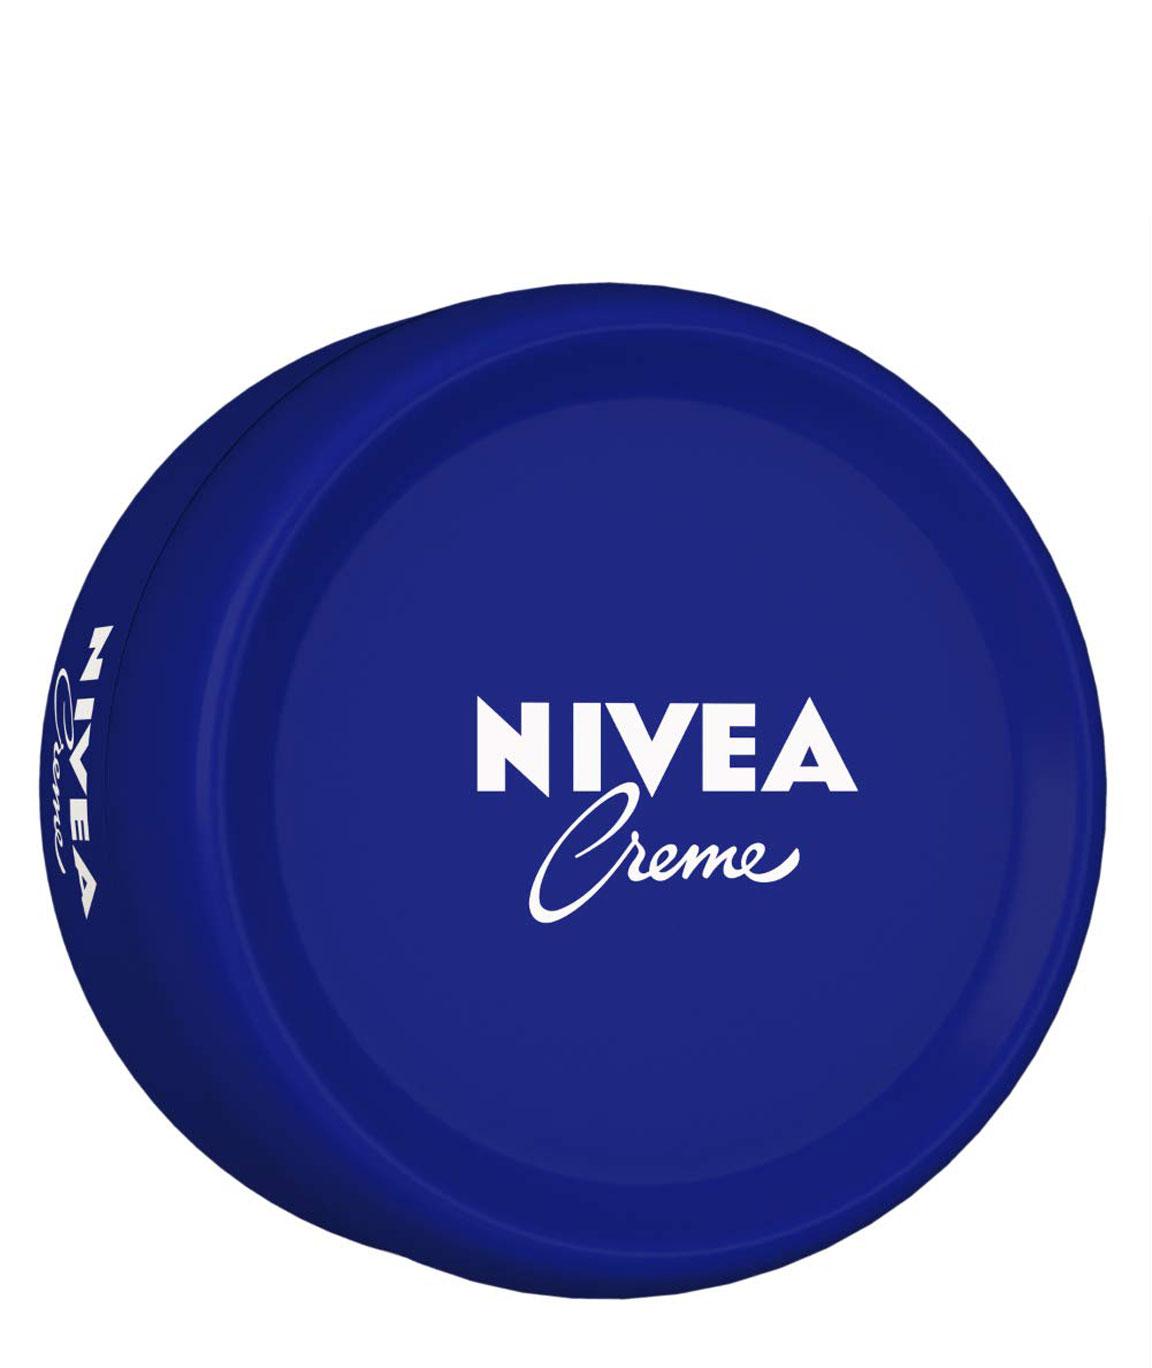 NIVEA Creme, All Season Multi-Purpose Cream, 200ml